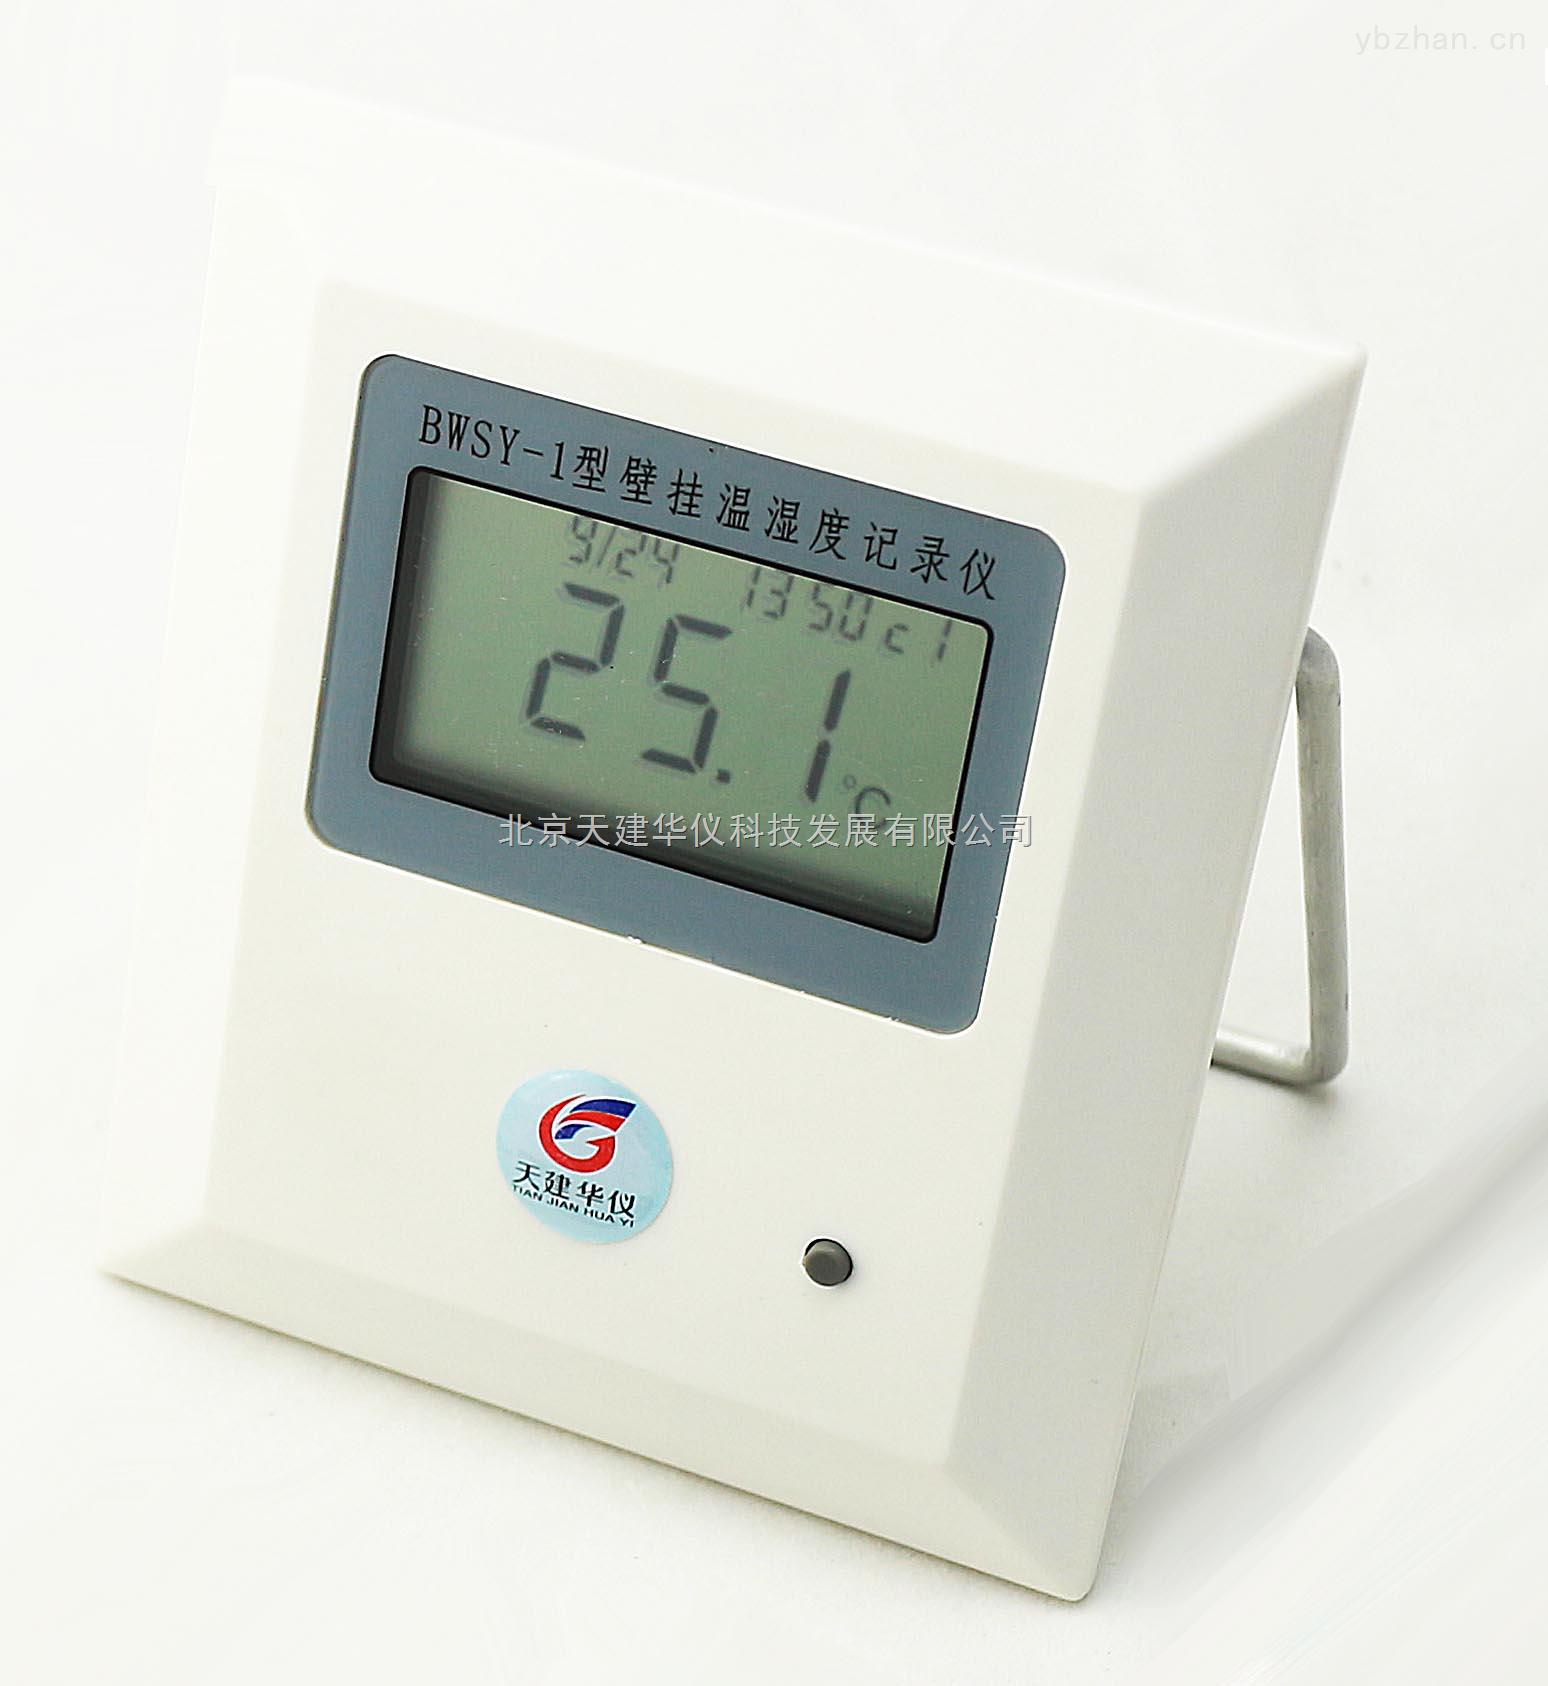 天建華儀BWSY-1A壁掛式溫濕度記錄儀